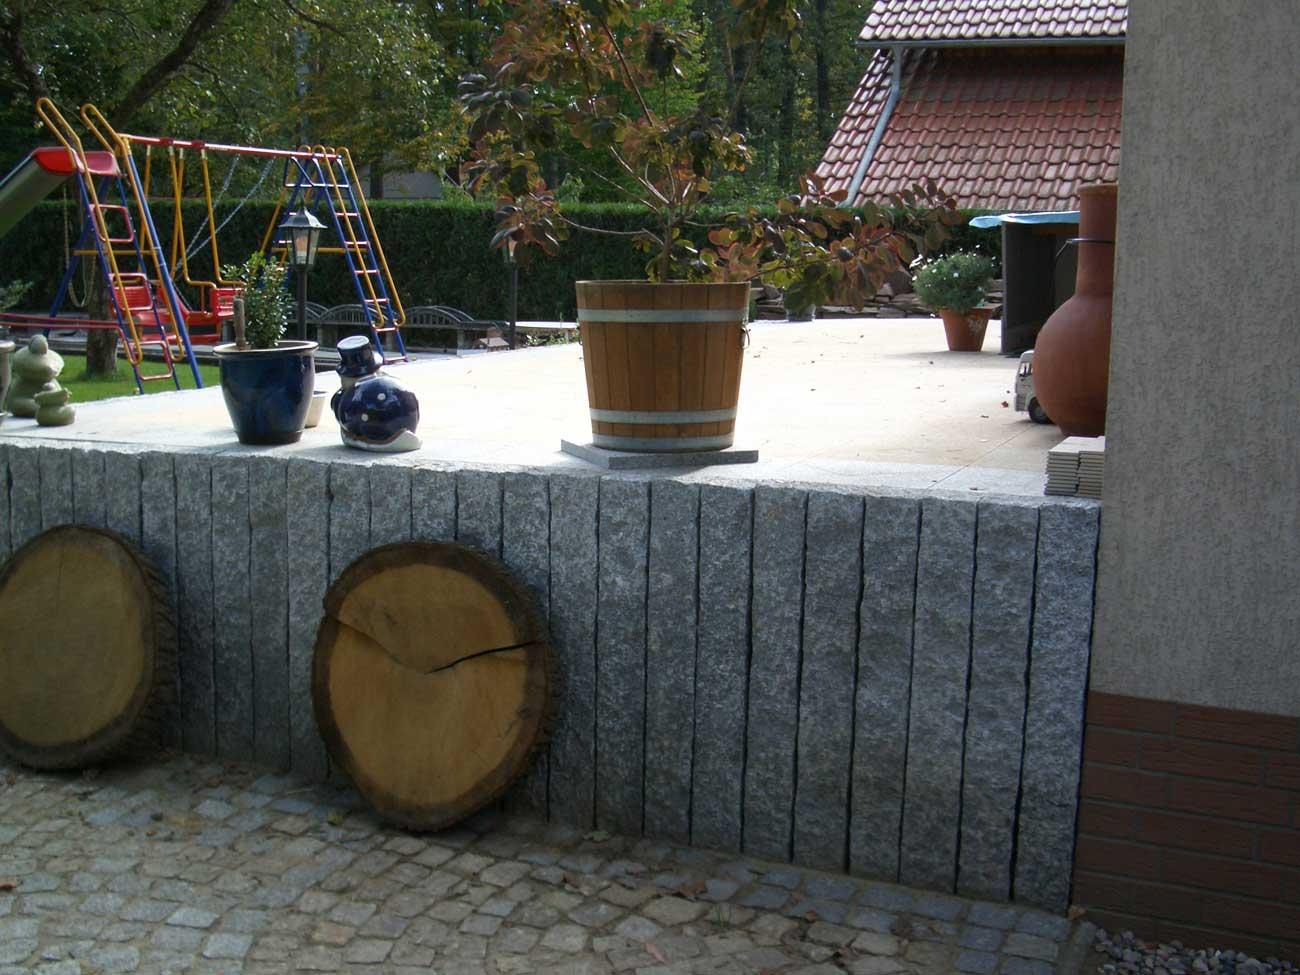 referenz-naturstein-obj04-bild07